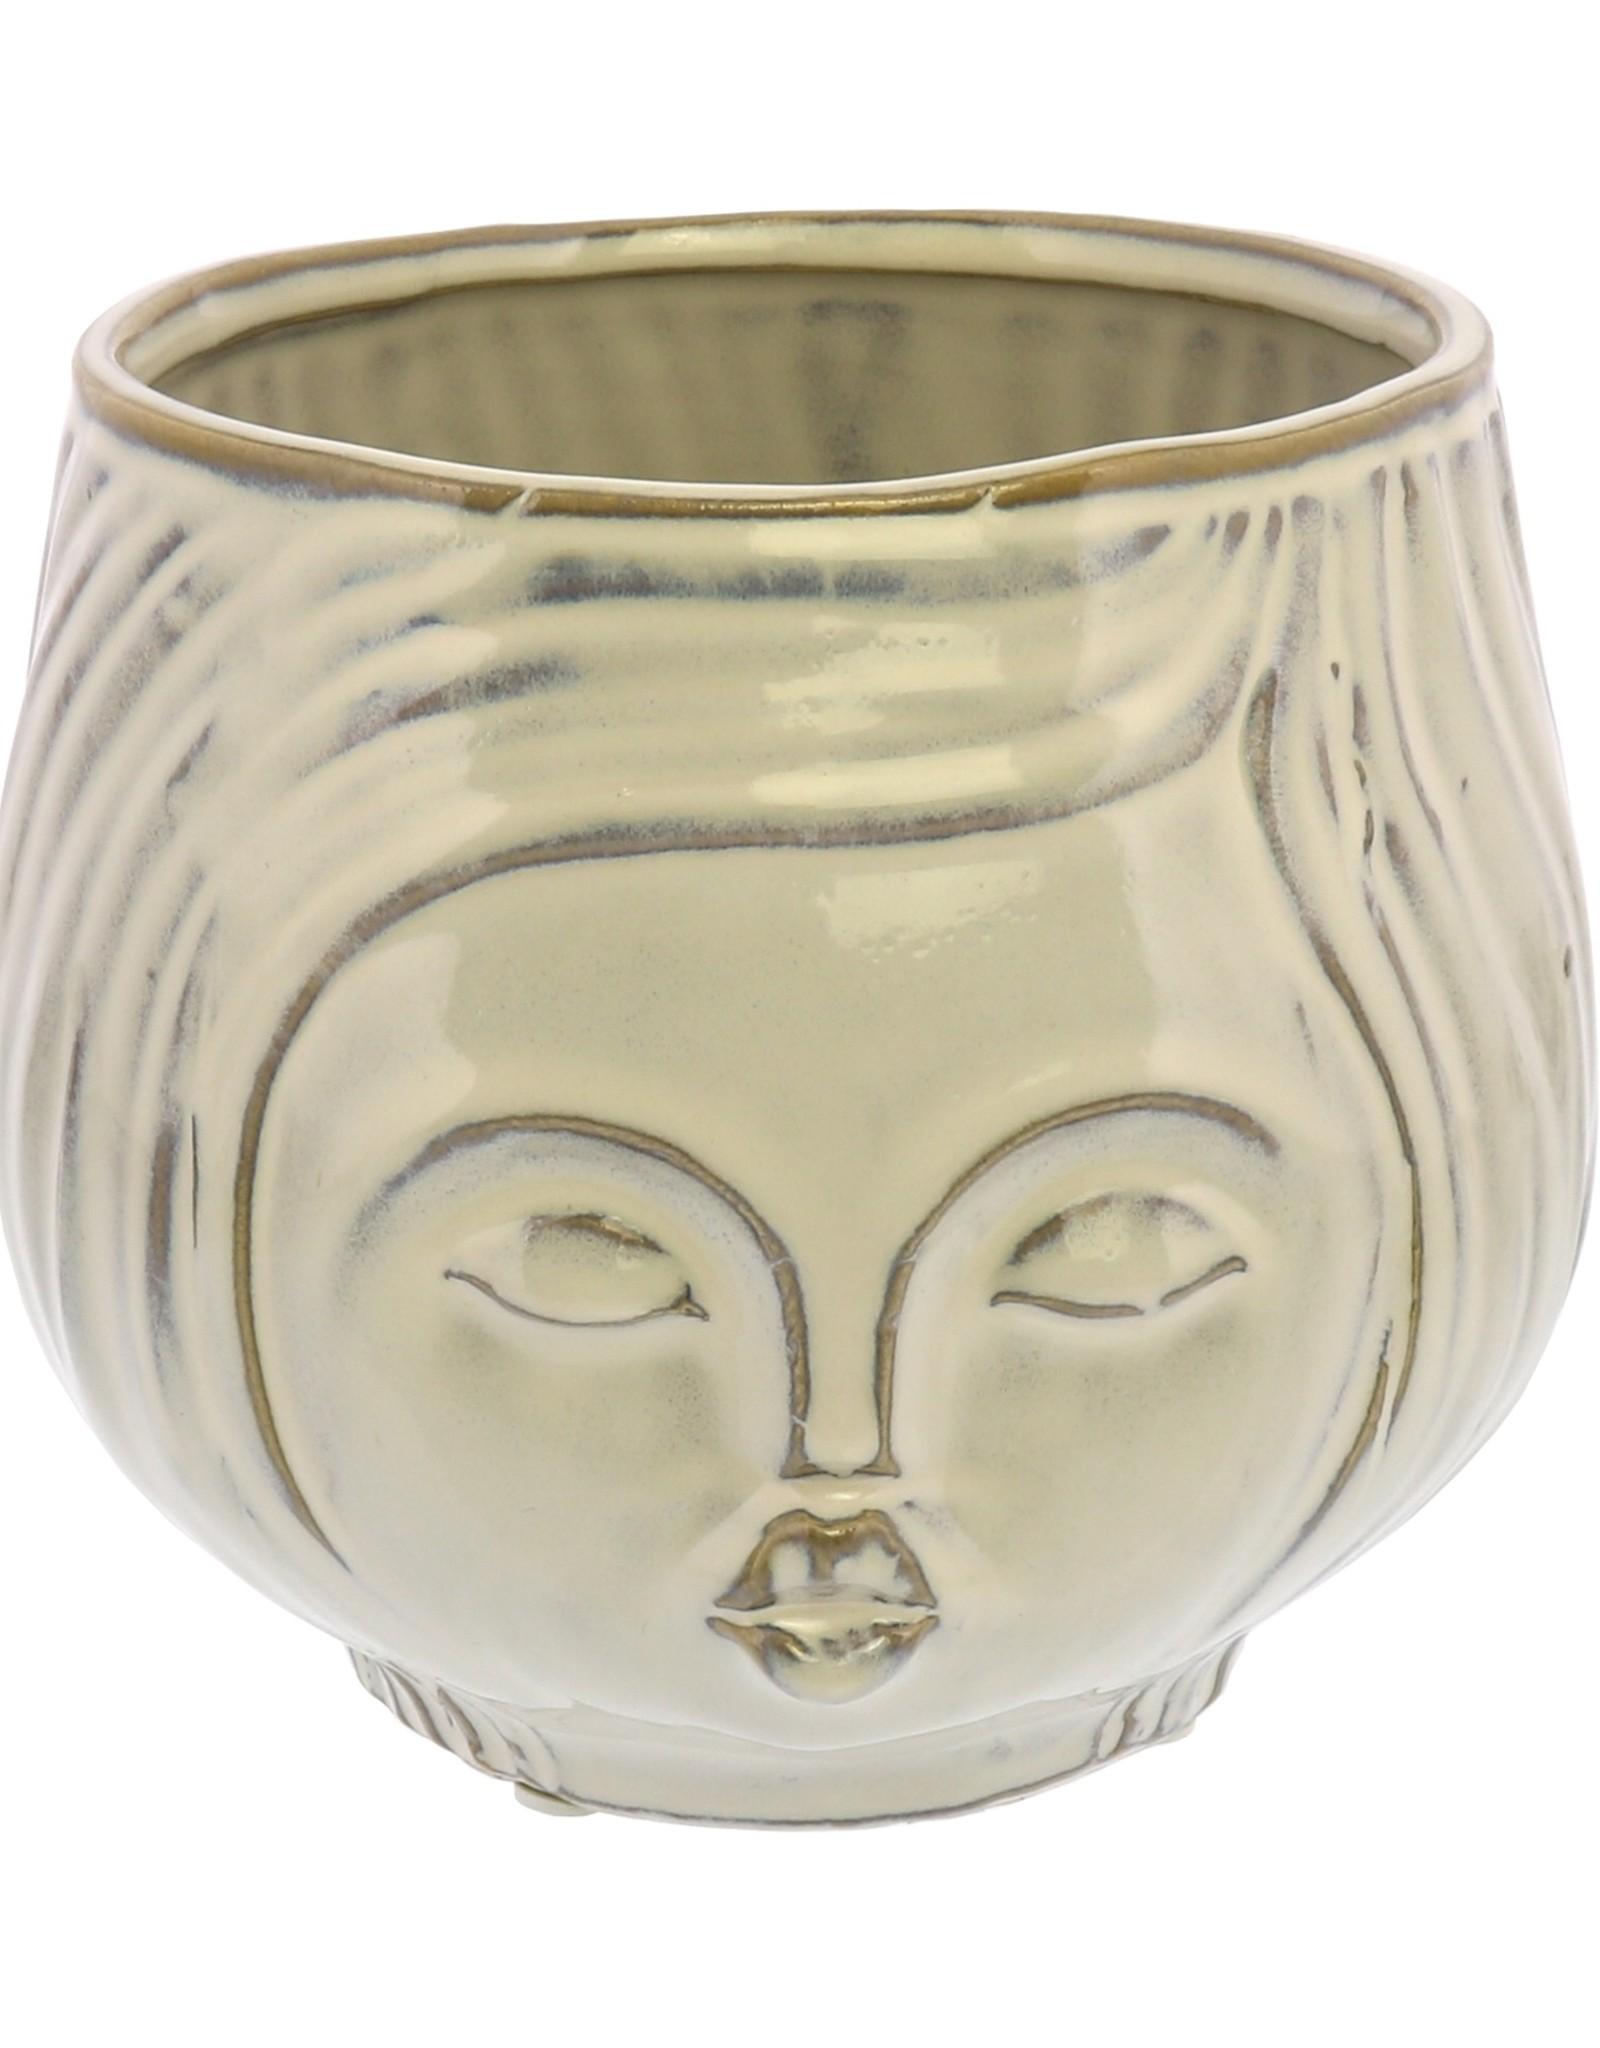 HomArt Pucker Up Ceramic in Vase Fancy White